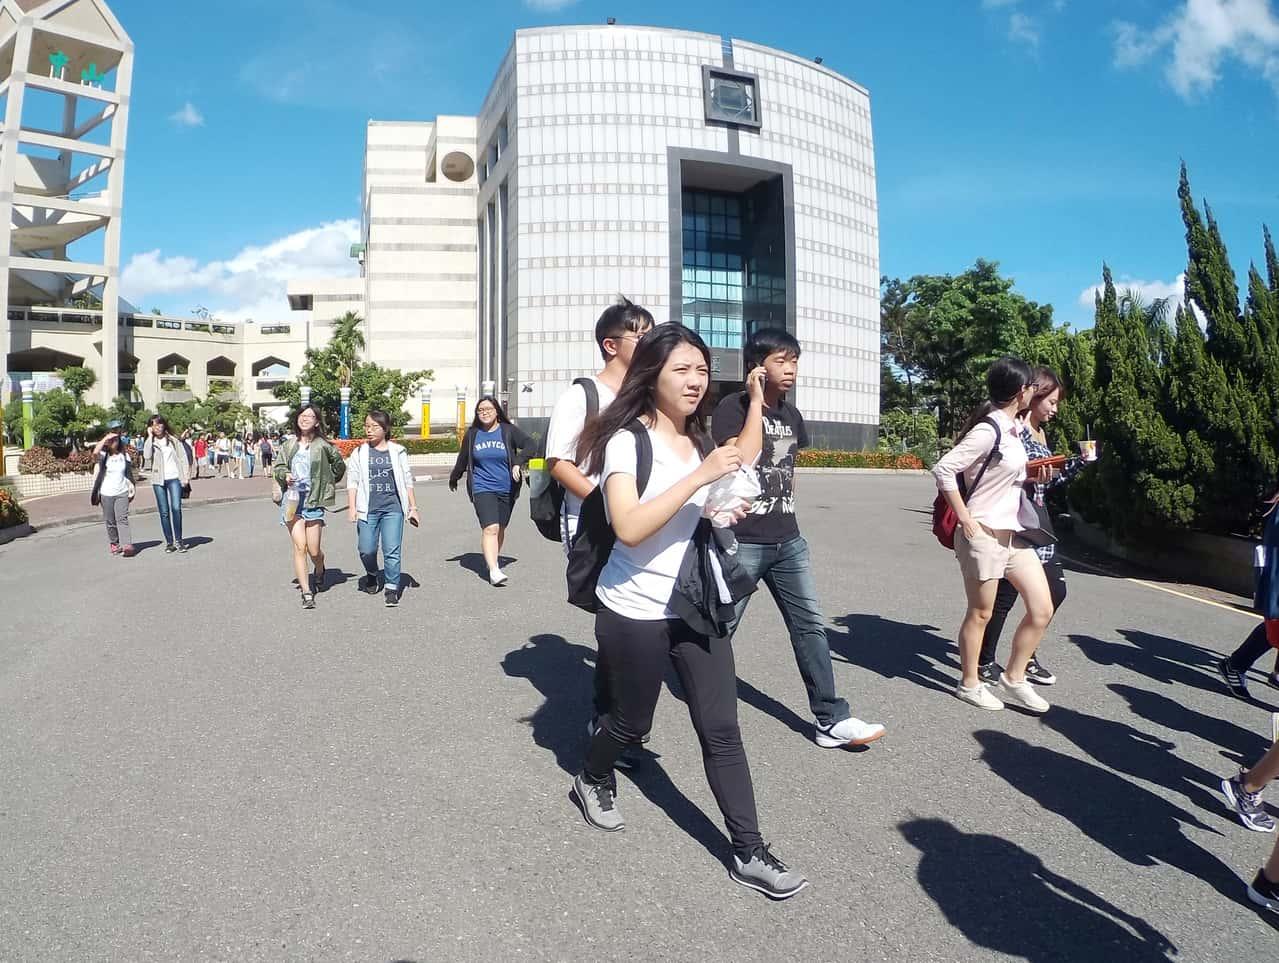 Đài Loan là lựa chọn hàng đầu của du học sinh Châu Á khi đi du học nghề.